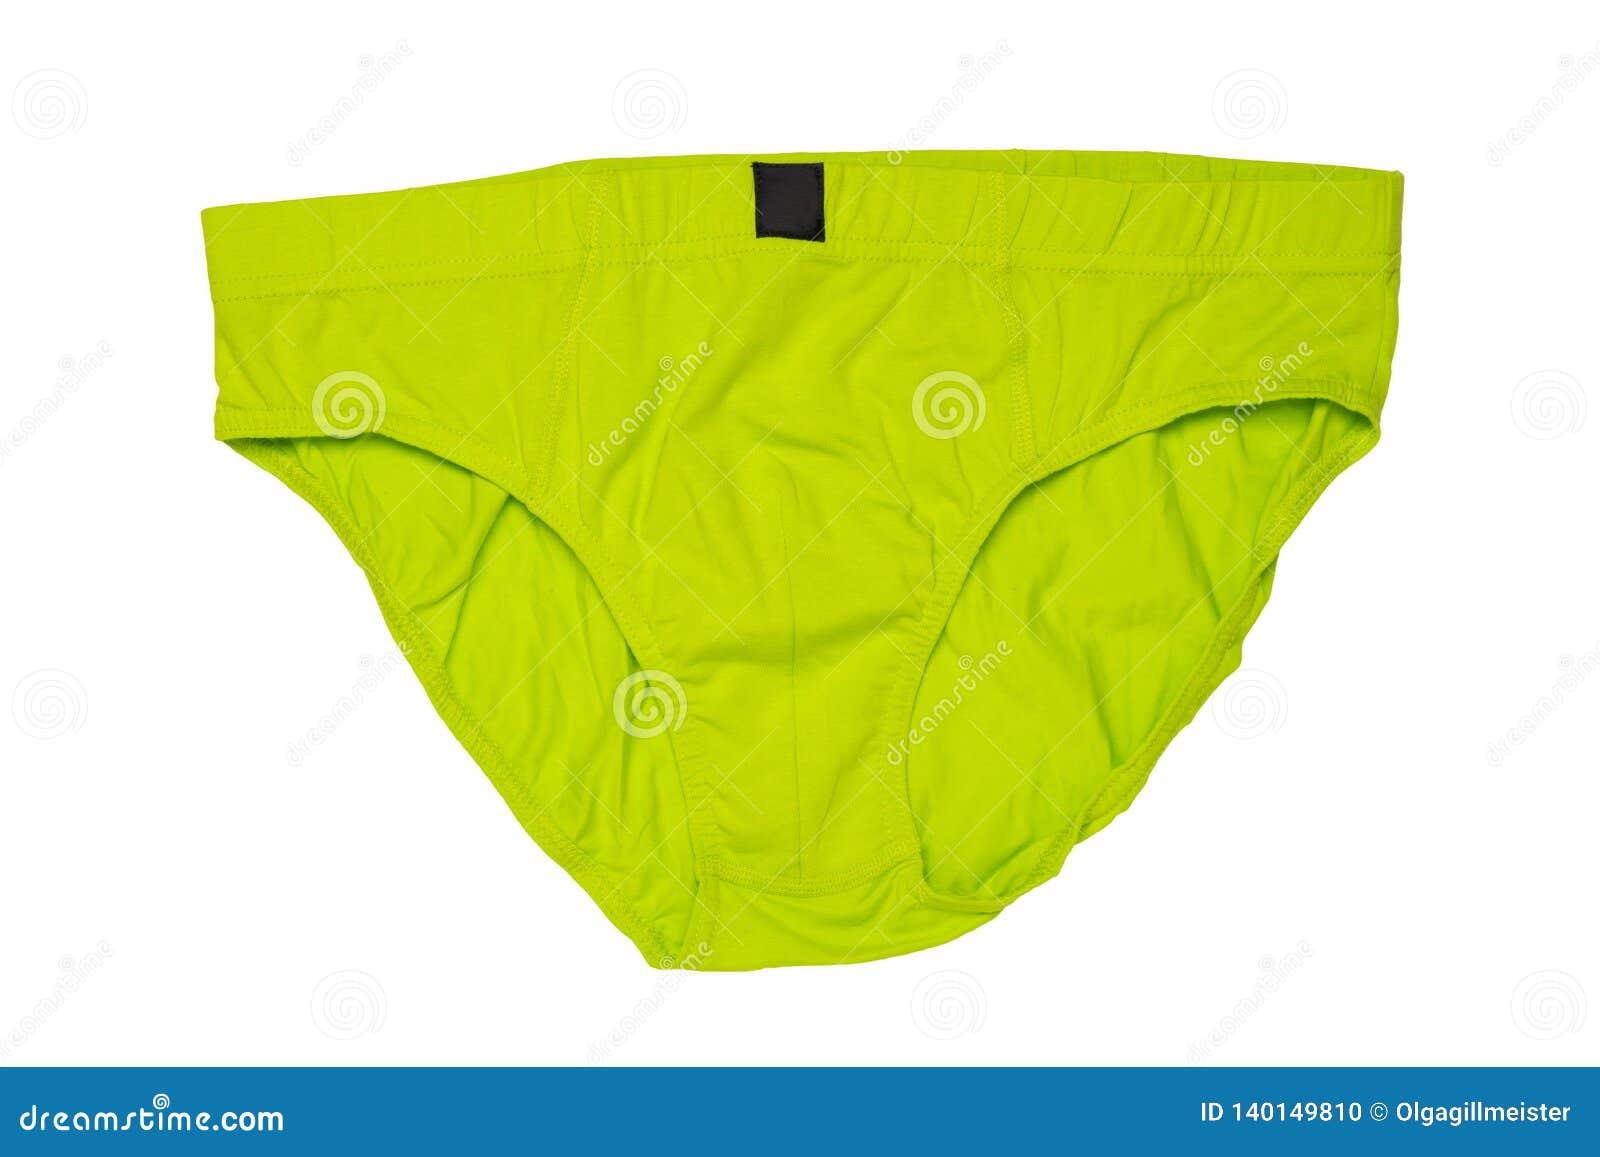 Hombres de Underware aislados Primer del underware masculino verde o calzoncillos aislados en un fondo blanco Ropa para el hombre